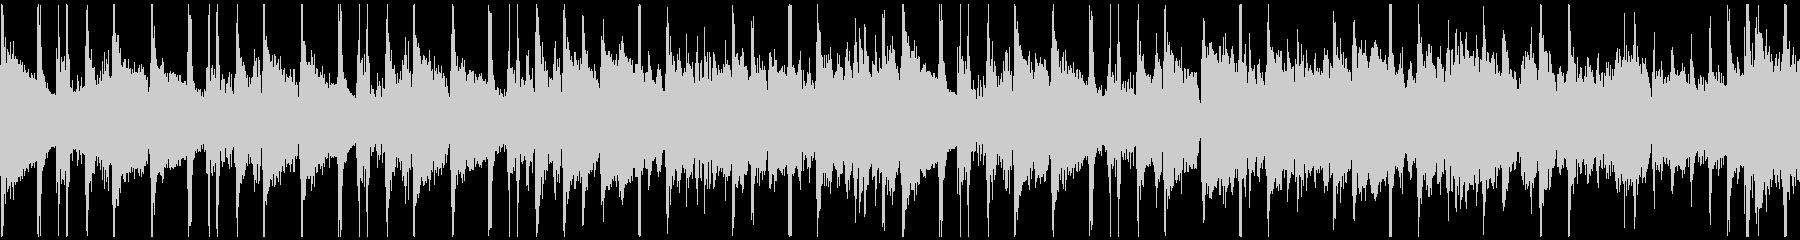 クイズのシンキングタイム、ループ仕様の未再生の波形